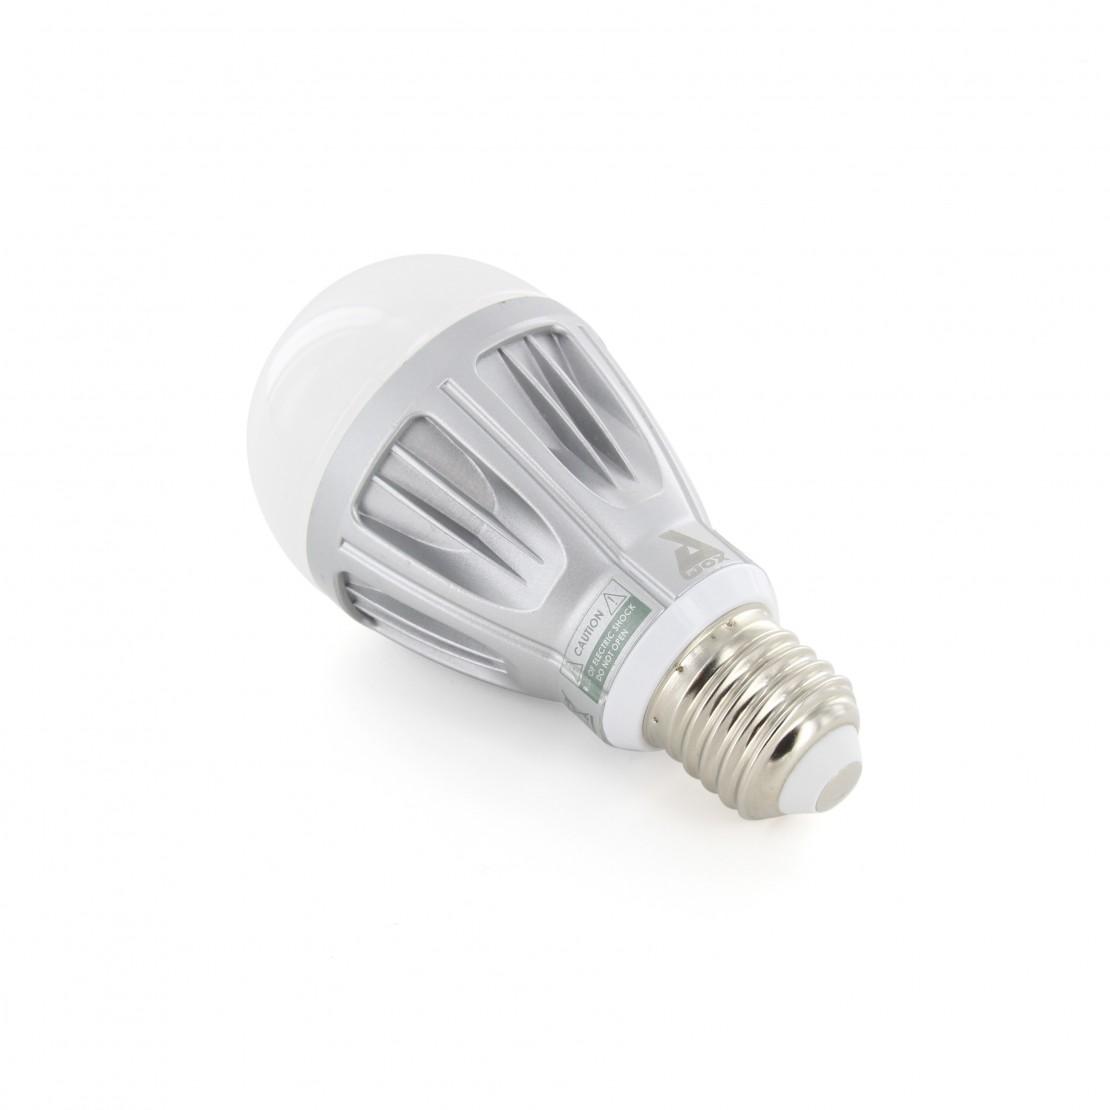 SmartLIGHT - lâmpada E27 branca, ligação à internet por Buetooth